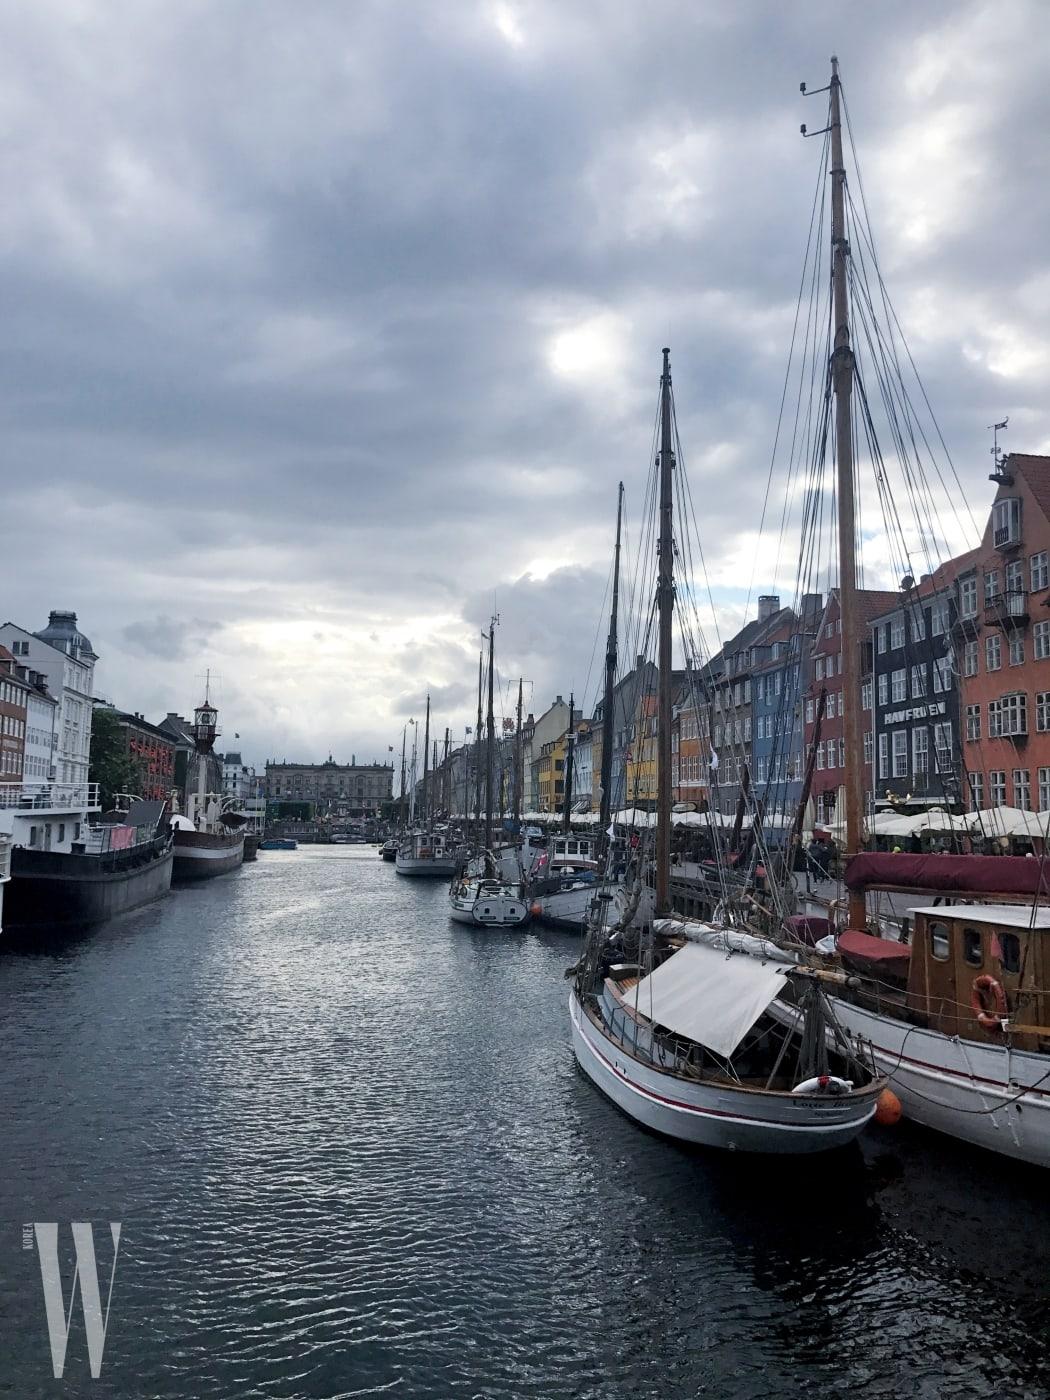 1 코펜하겐에 도착. 강가를 걷다 보니 동화 작가 안데르센이 살았다는 마을이 나온다. 동화 속에 나올 법한 아기자기한 색감의 집들이 인상적.